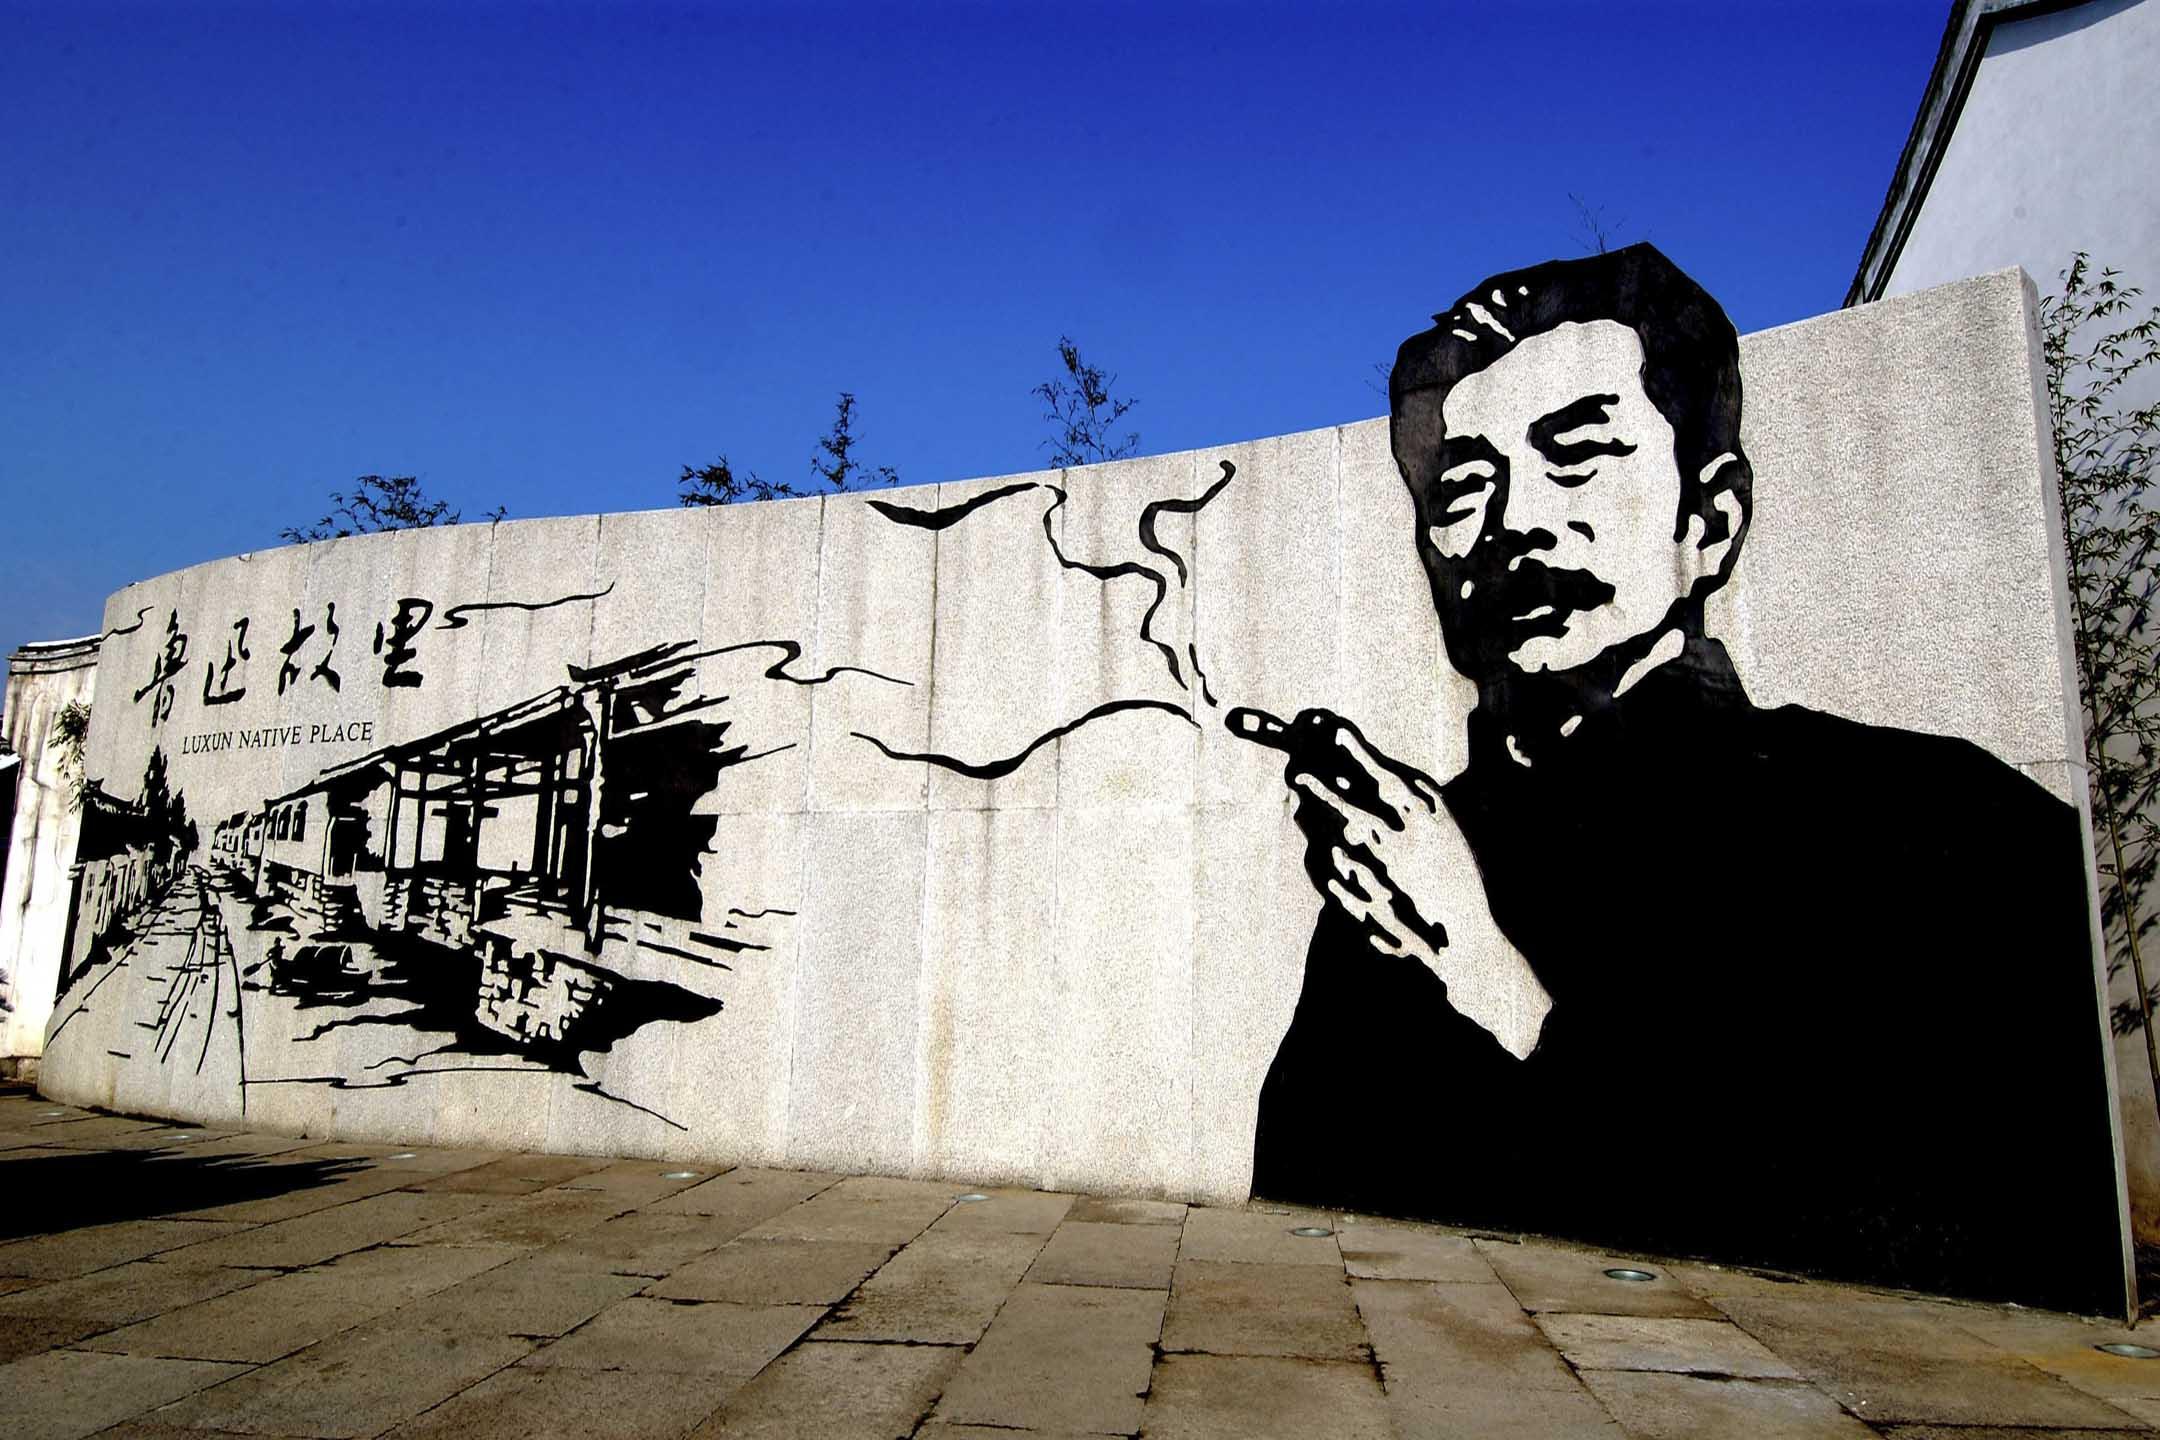 浙江紹興的魯迅故居。 圖:IC photo